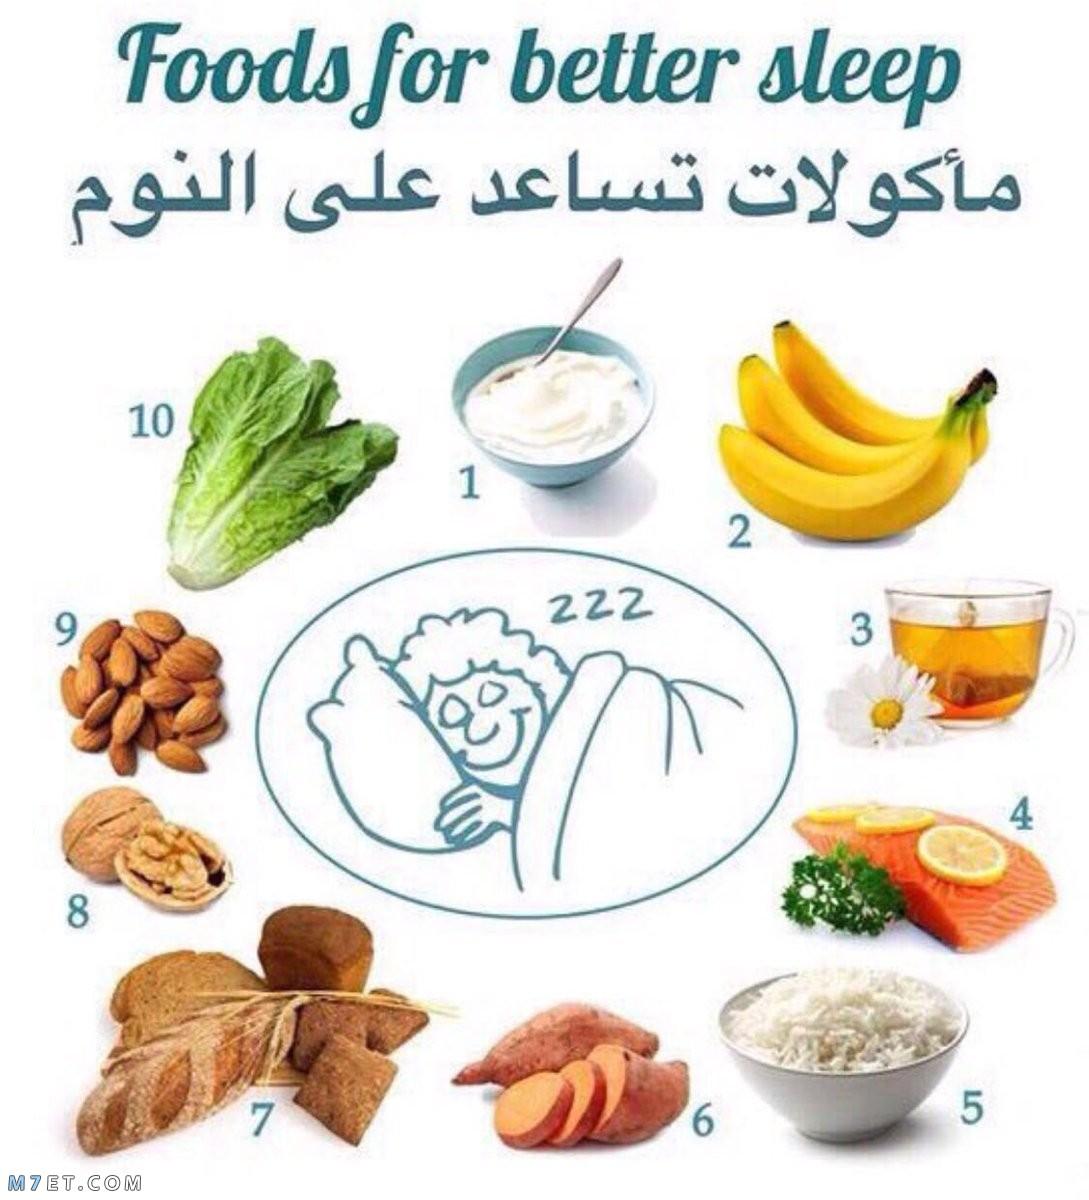 اكلات تساعد على النوم وأشهر 8 أعشاب تساعد على النوم